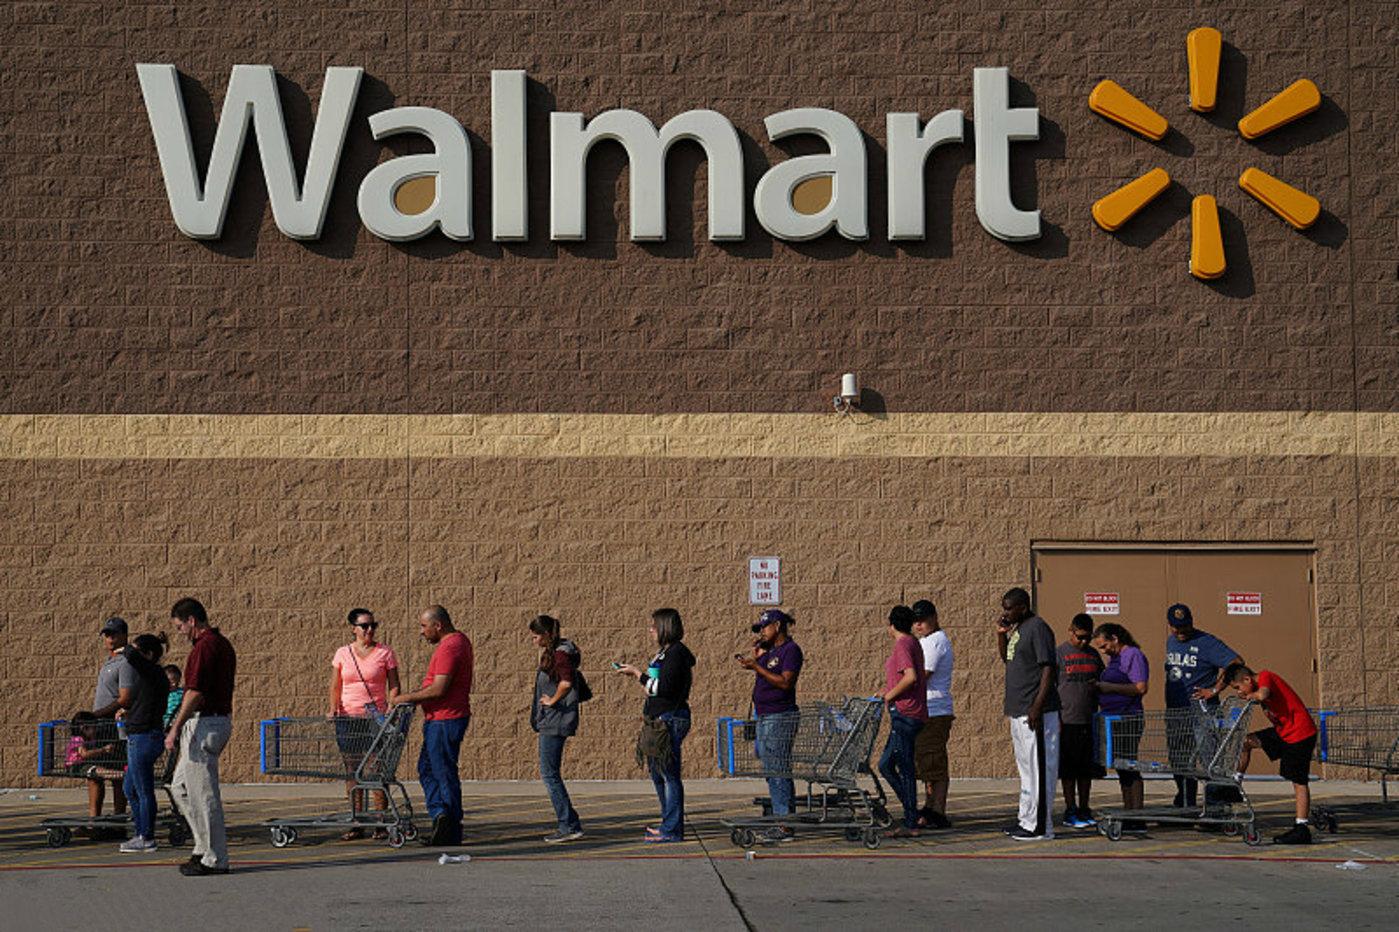 净利润高速增长,新零售时代沃尔玛如何继续引领潮流?